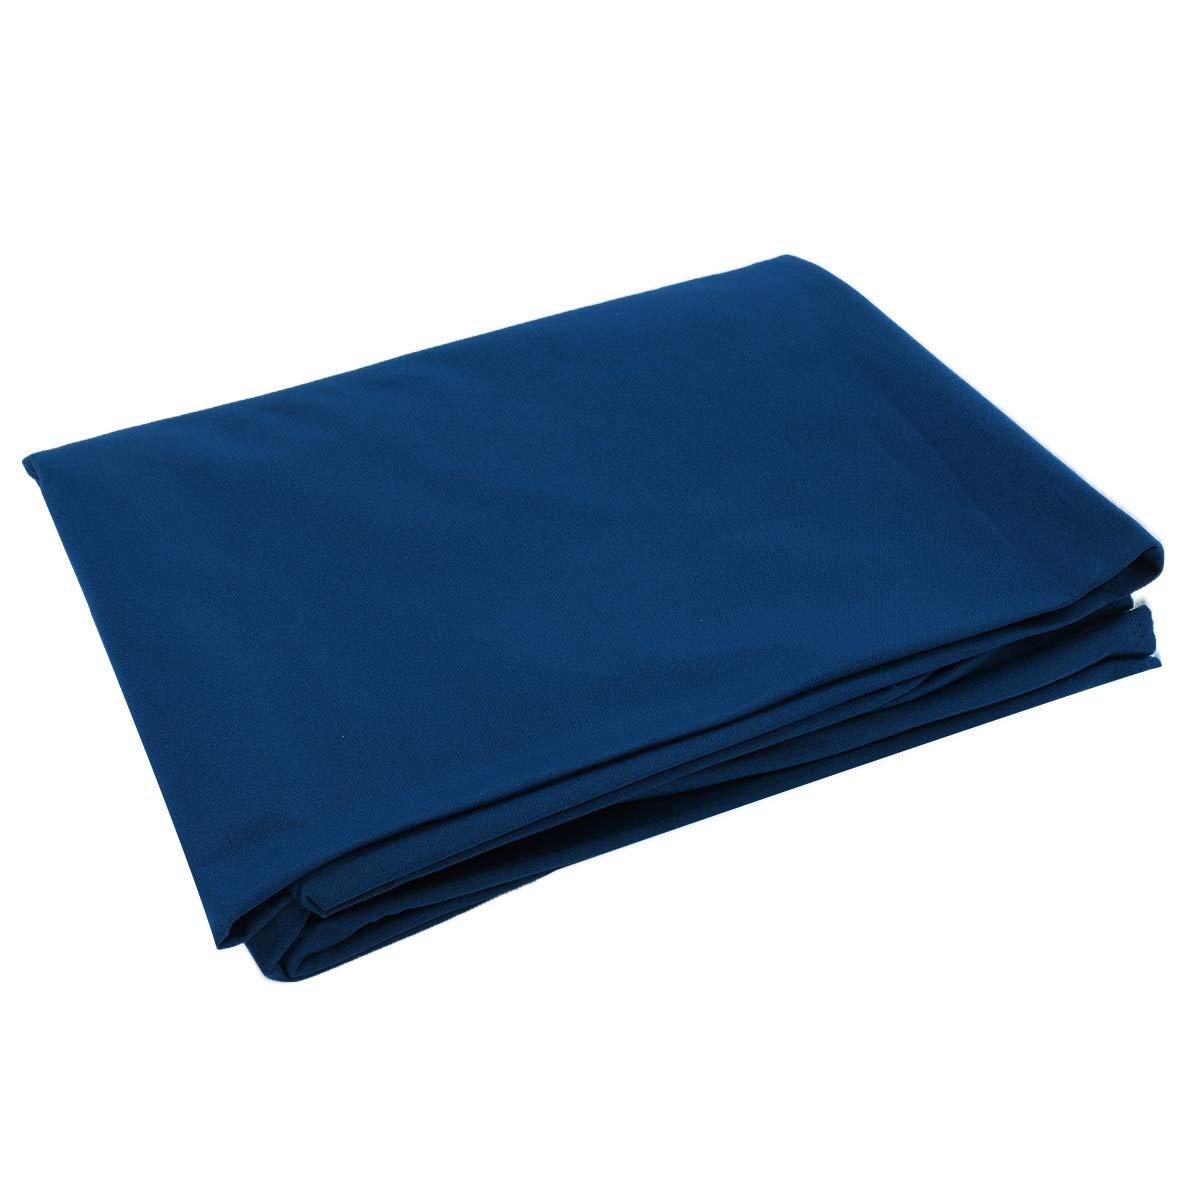 prezzi equi ChaRLes 2.5 X 1.45 1.45 1.45 M Single-Sided Biliardo Piscina Tavolo Da Biliardo Di Copertura Per 7 8 Pollici Tavolo - Blu  miglior servizio